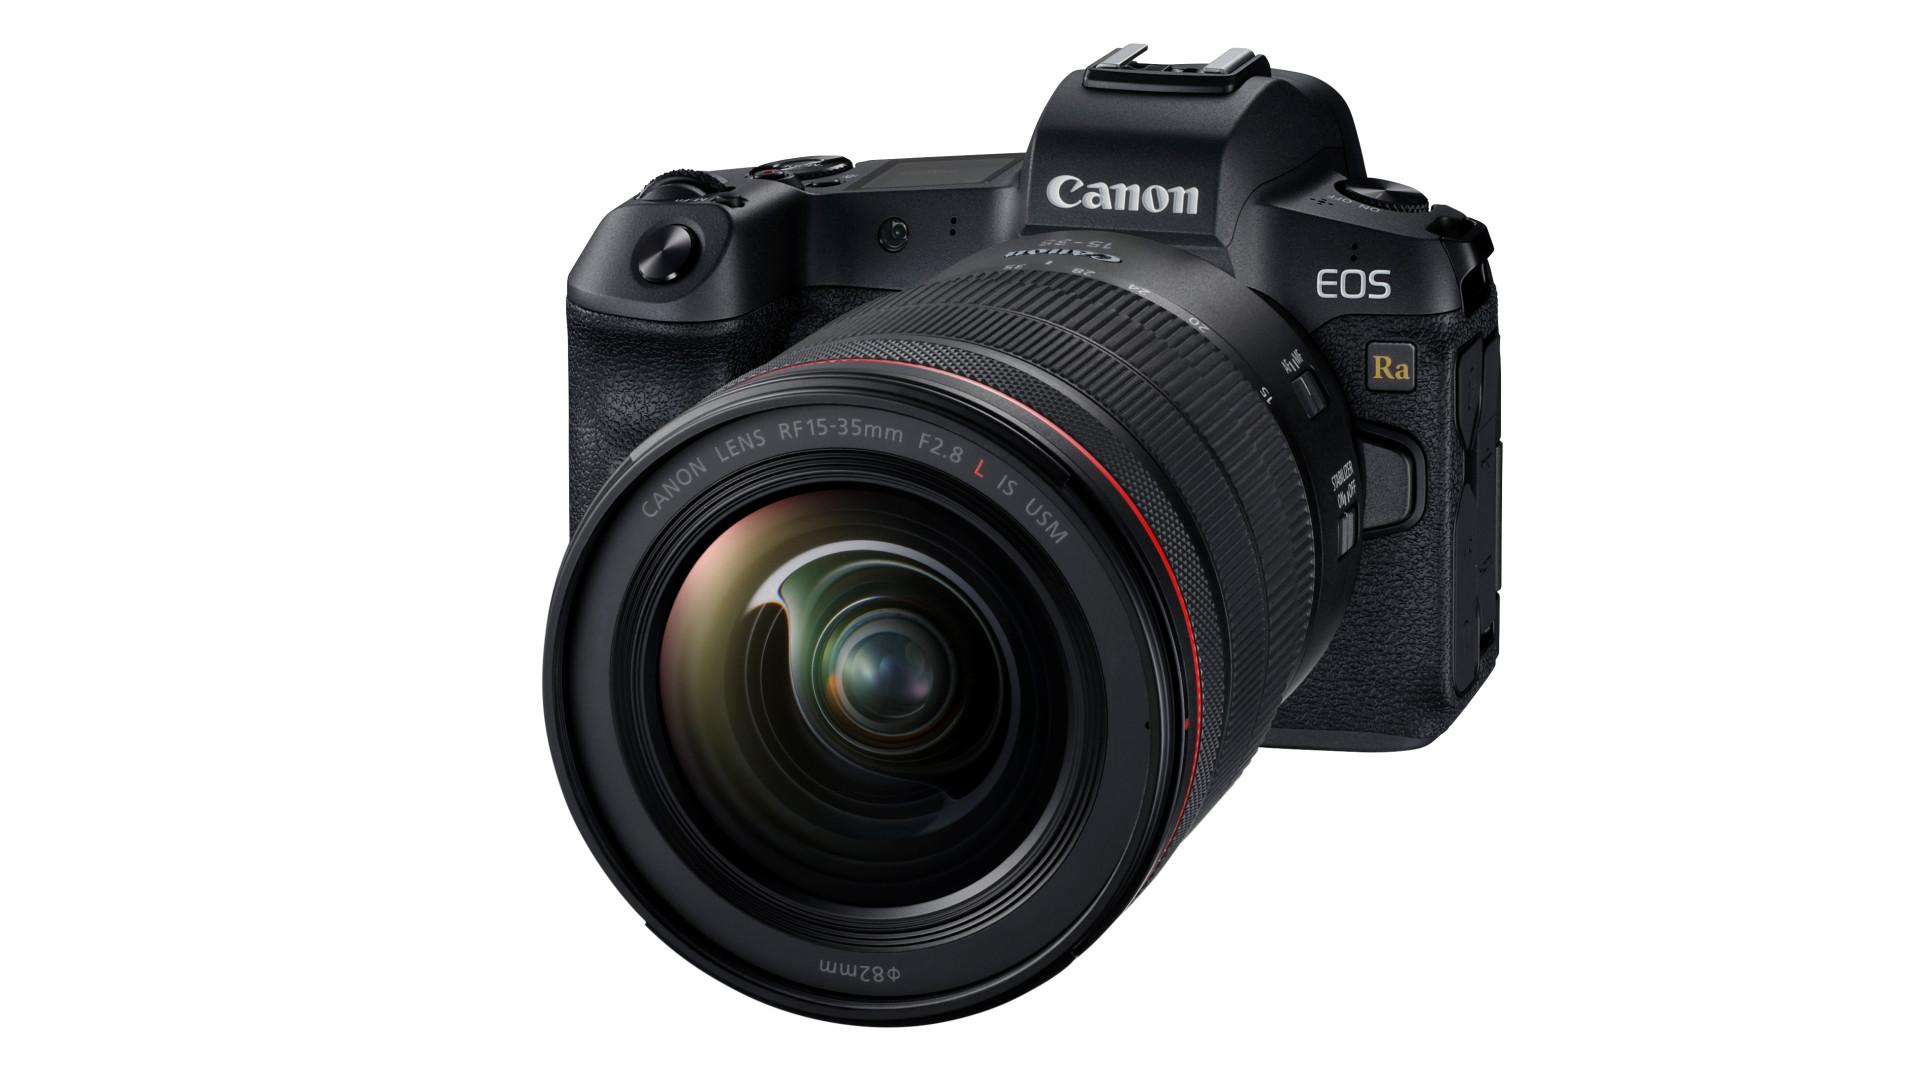 デジタルカメラ販売不振のなかミラーレスは微増中